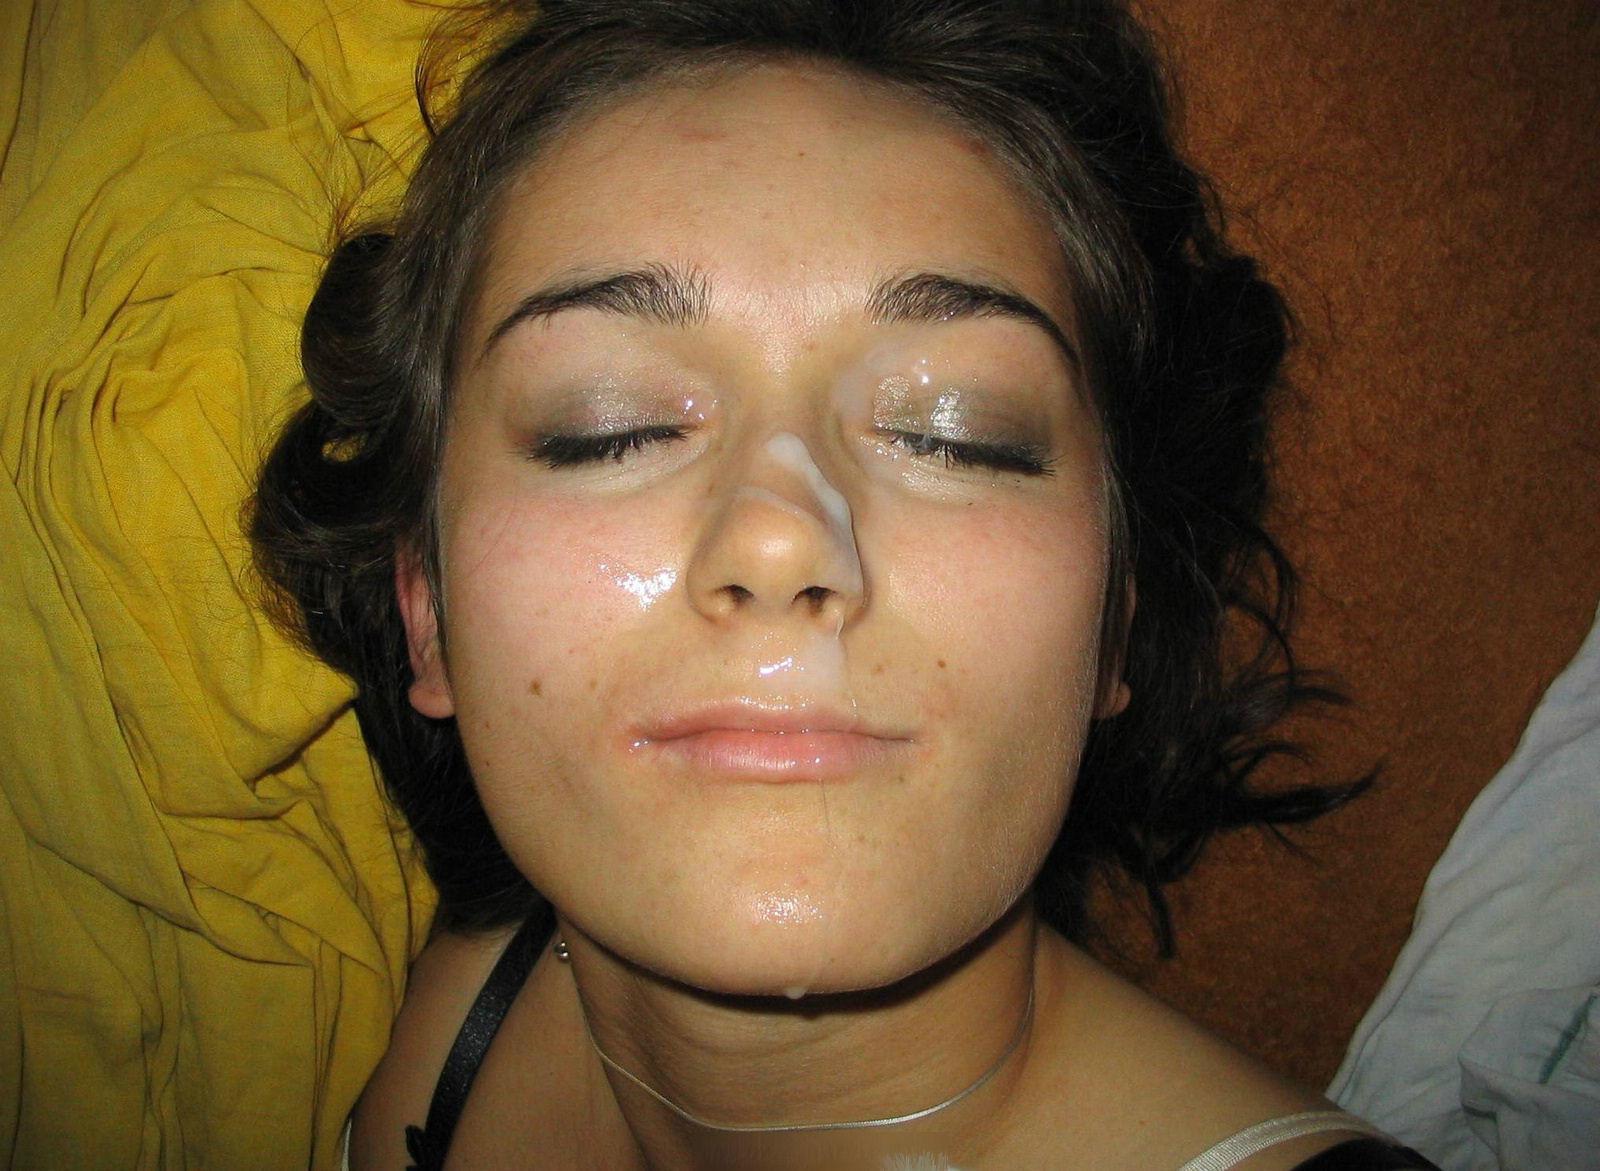 Фотографии девушек с спермой на лице, Сперма на лице женщин домашнее фото частное порно 13 фотография